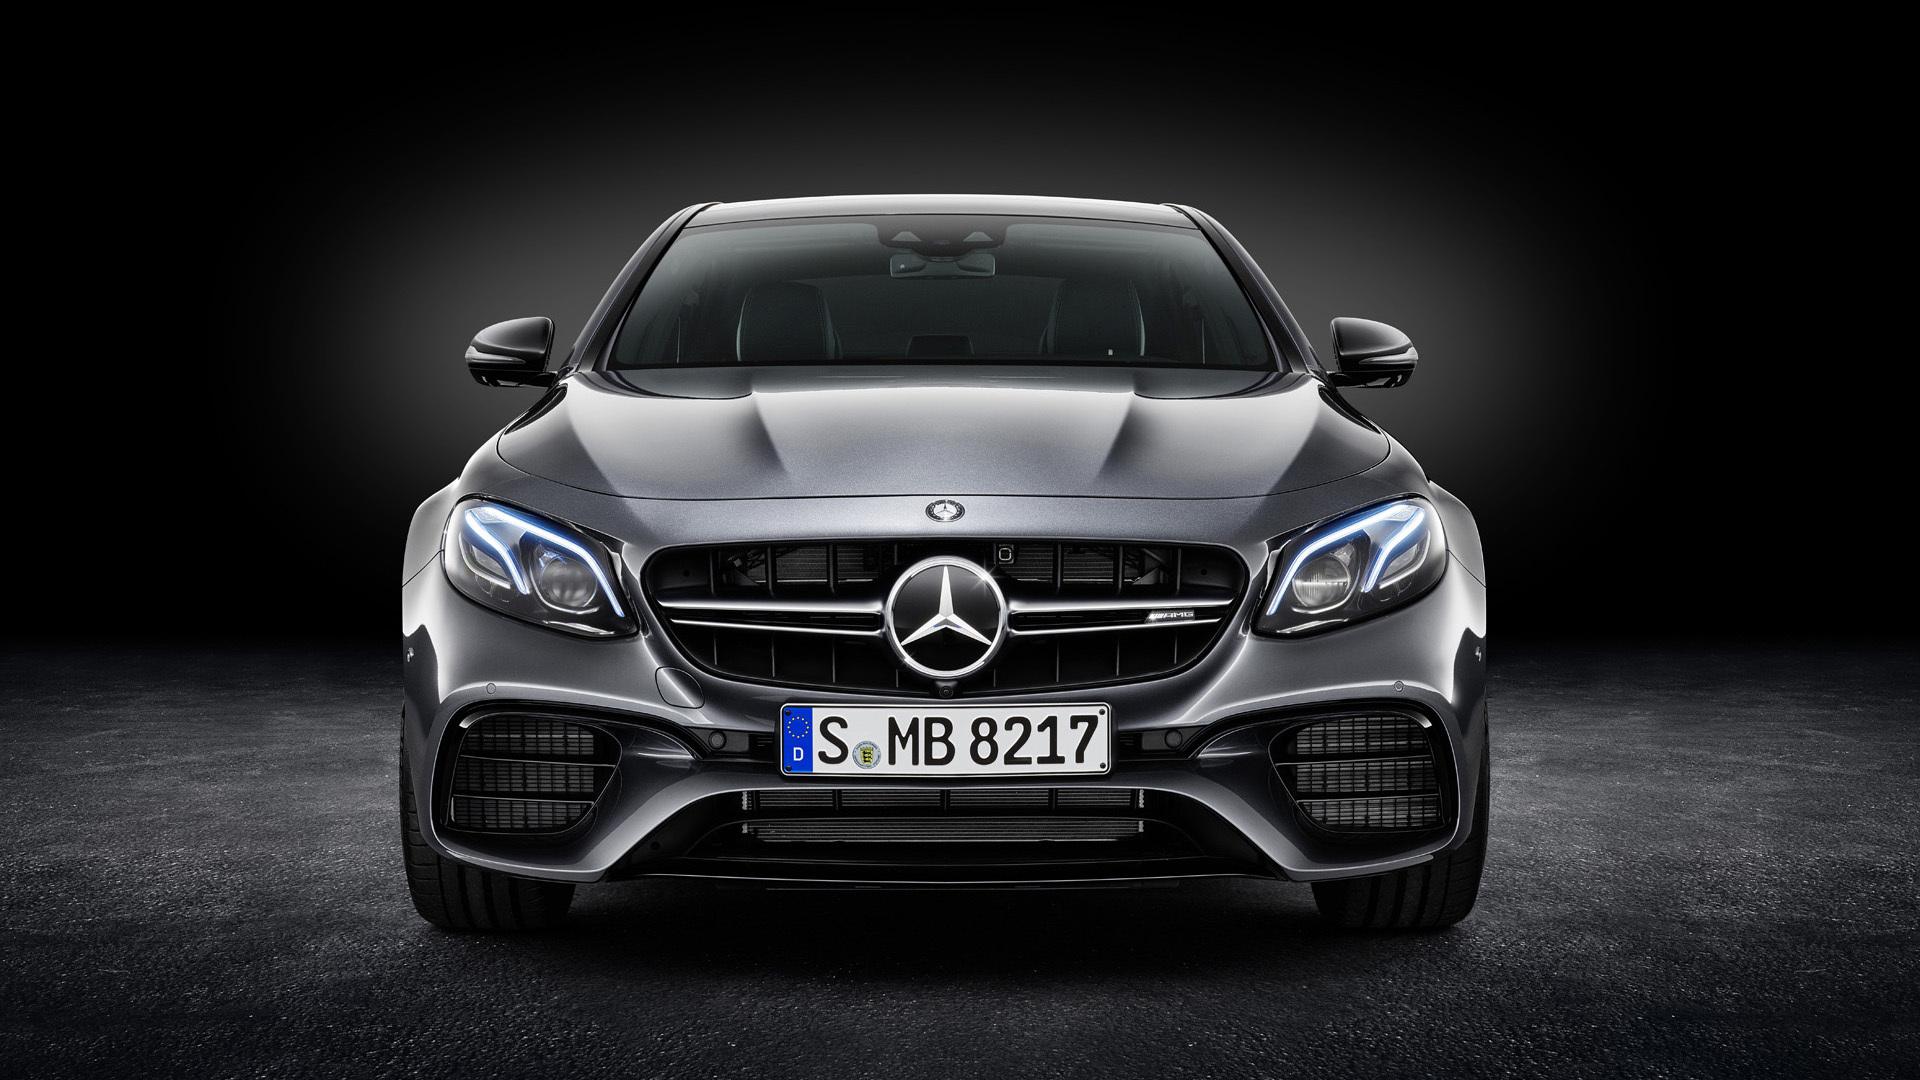 Mercedes-Benz E63 AMG 2018: фото, описание и технические характеристики седана